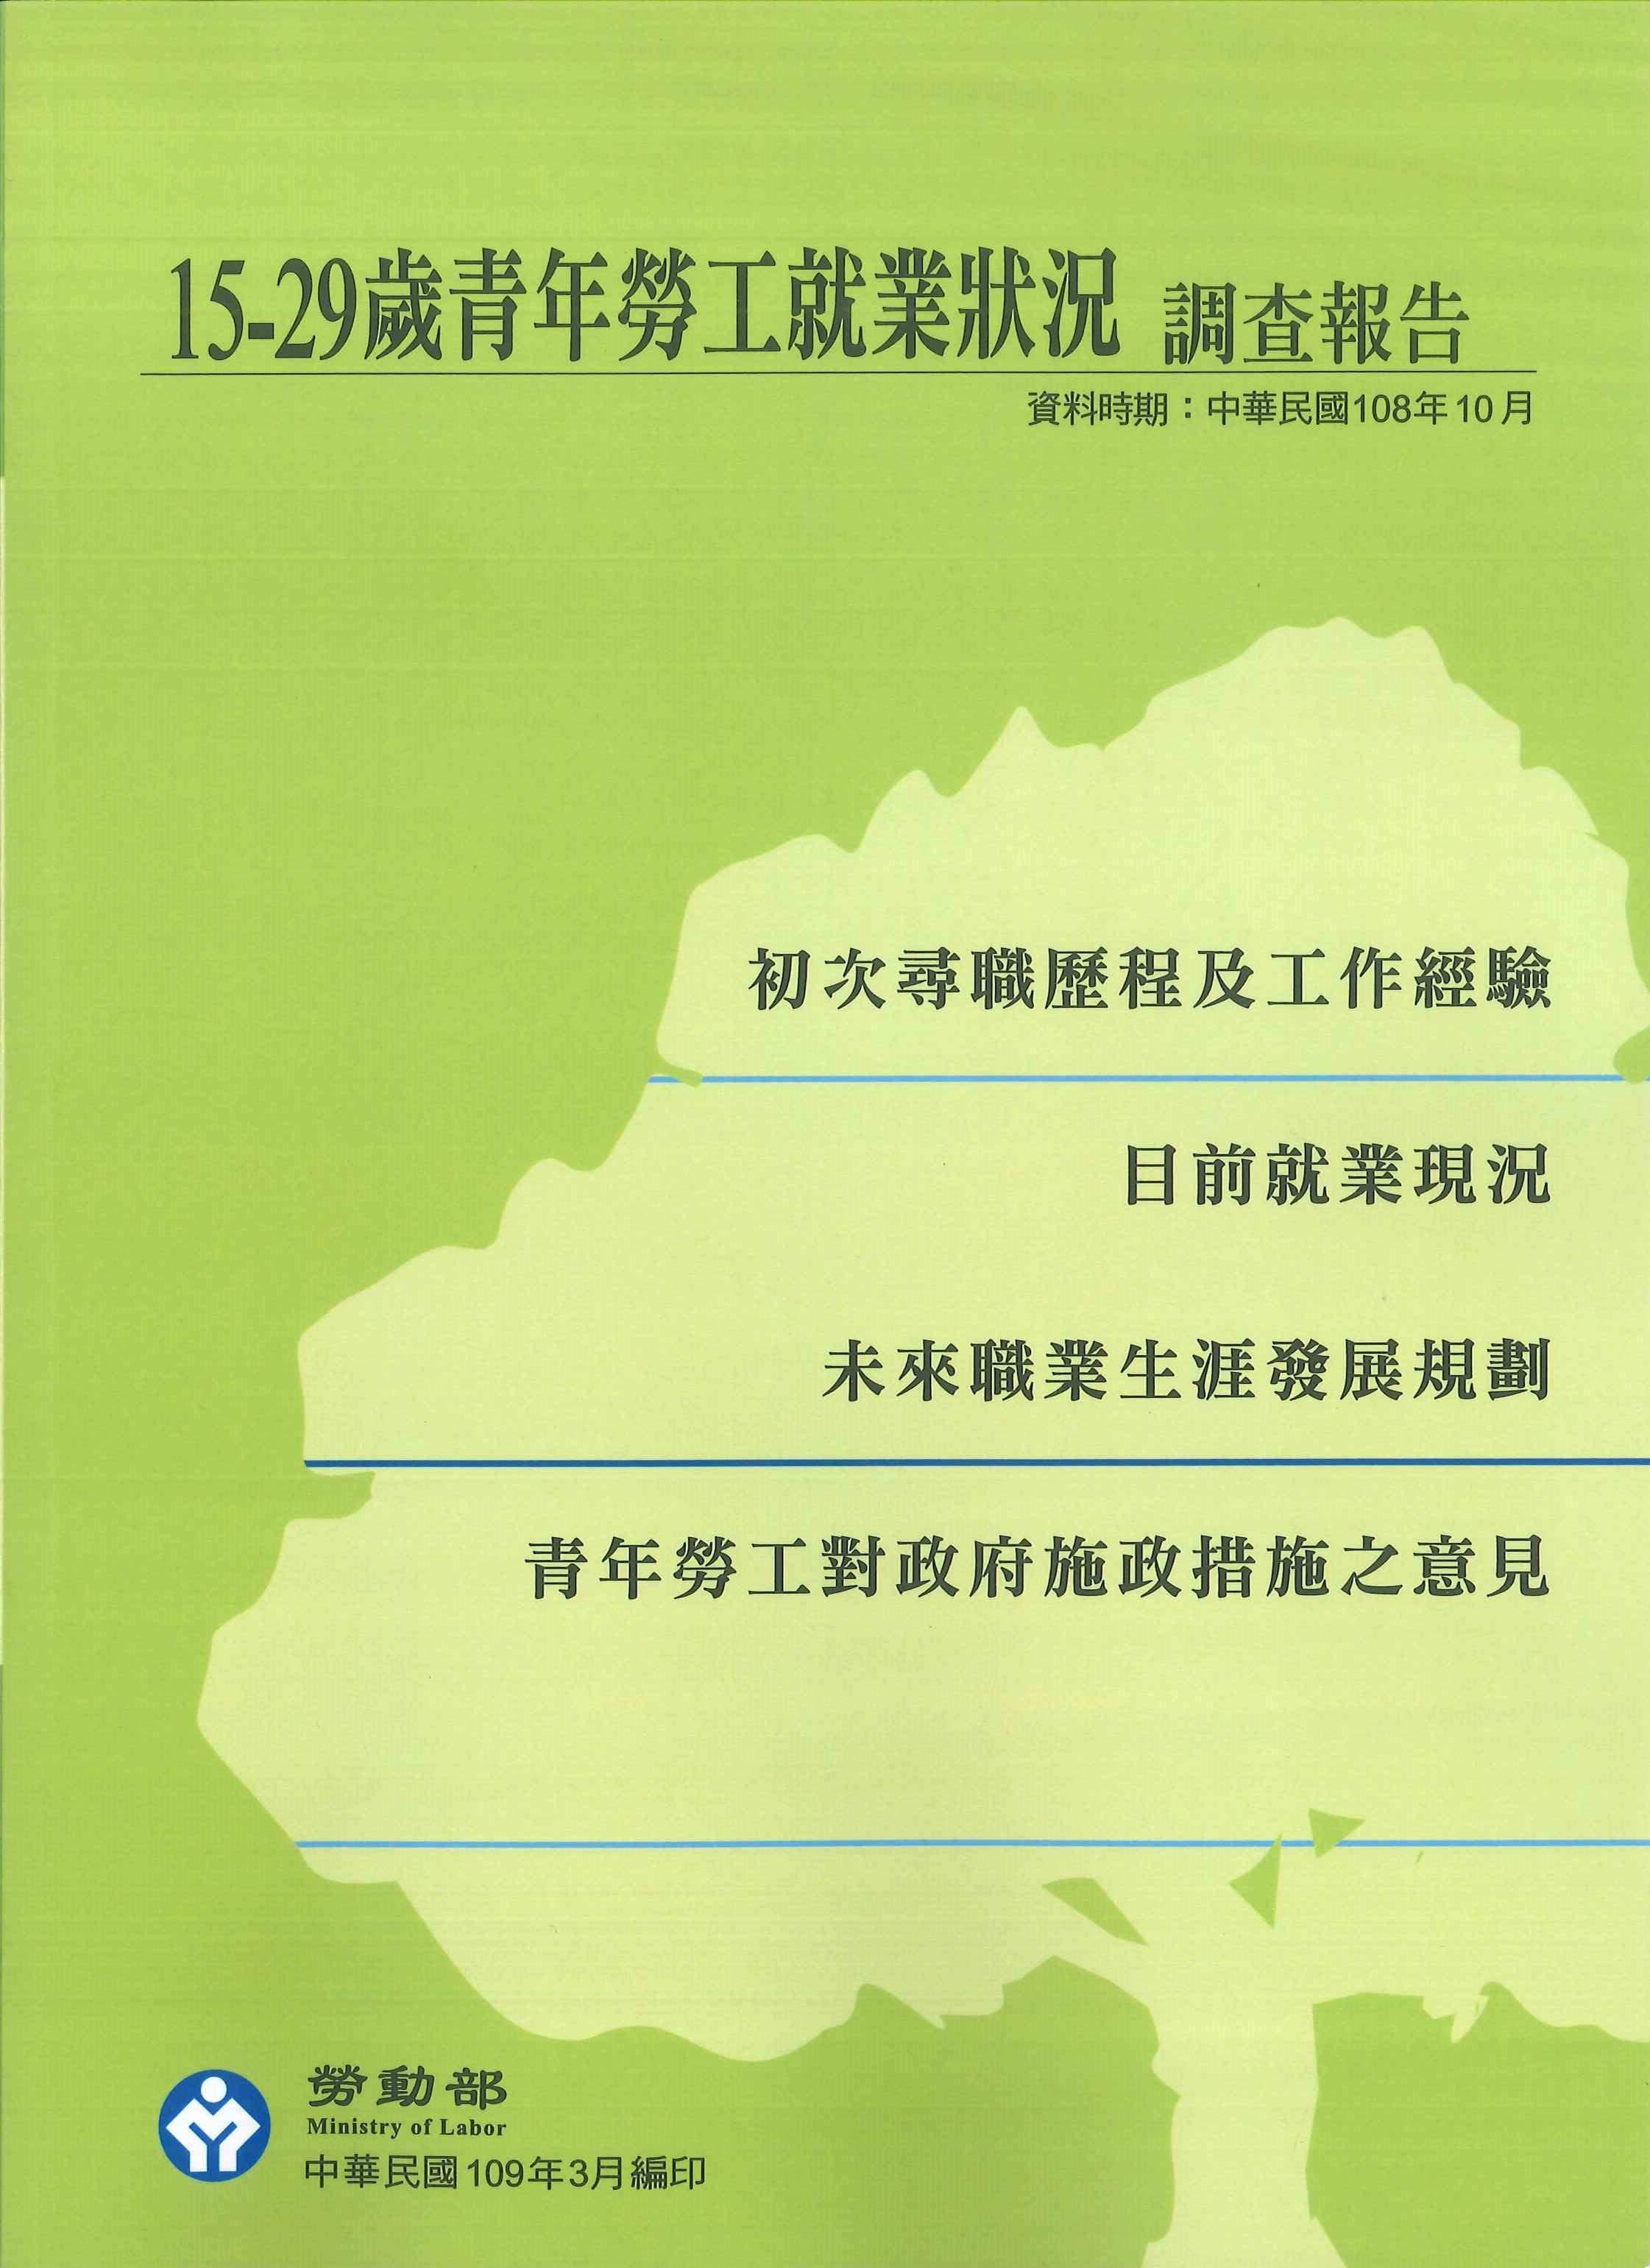 15-29歲青年勞工就業狀況調查報告